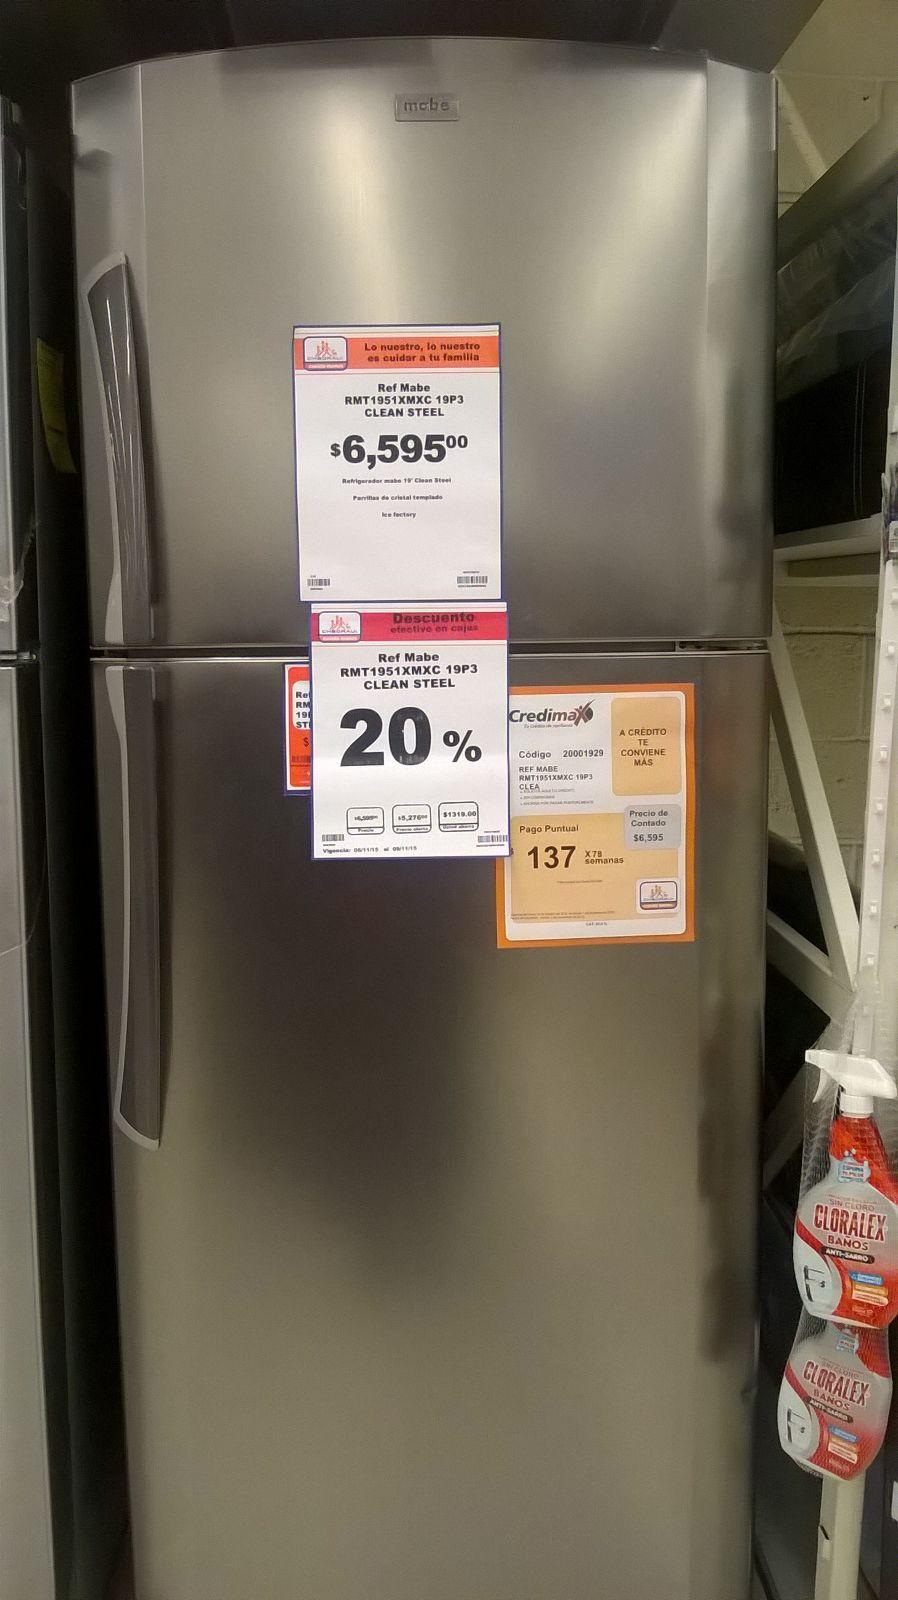 Chedraui: Refrigerador Mabe RMT1951XMXC de 19 pies